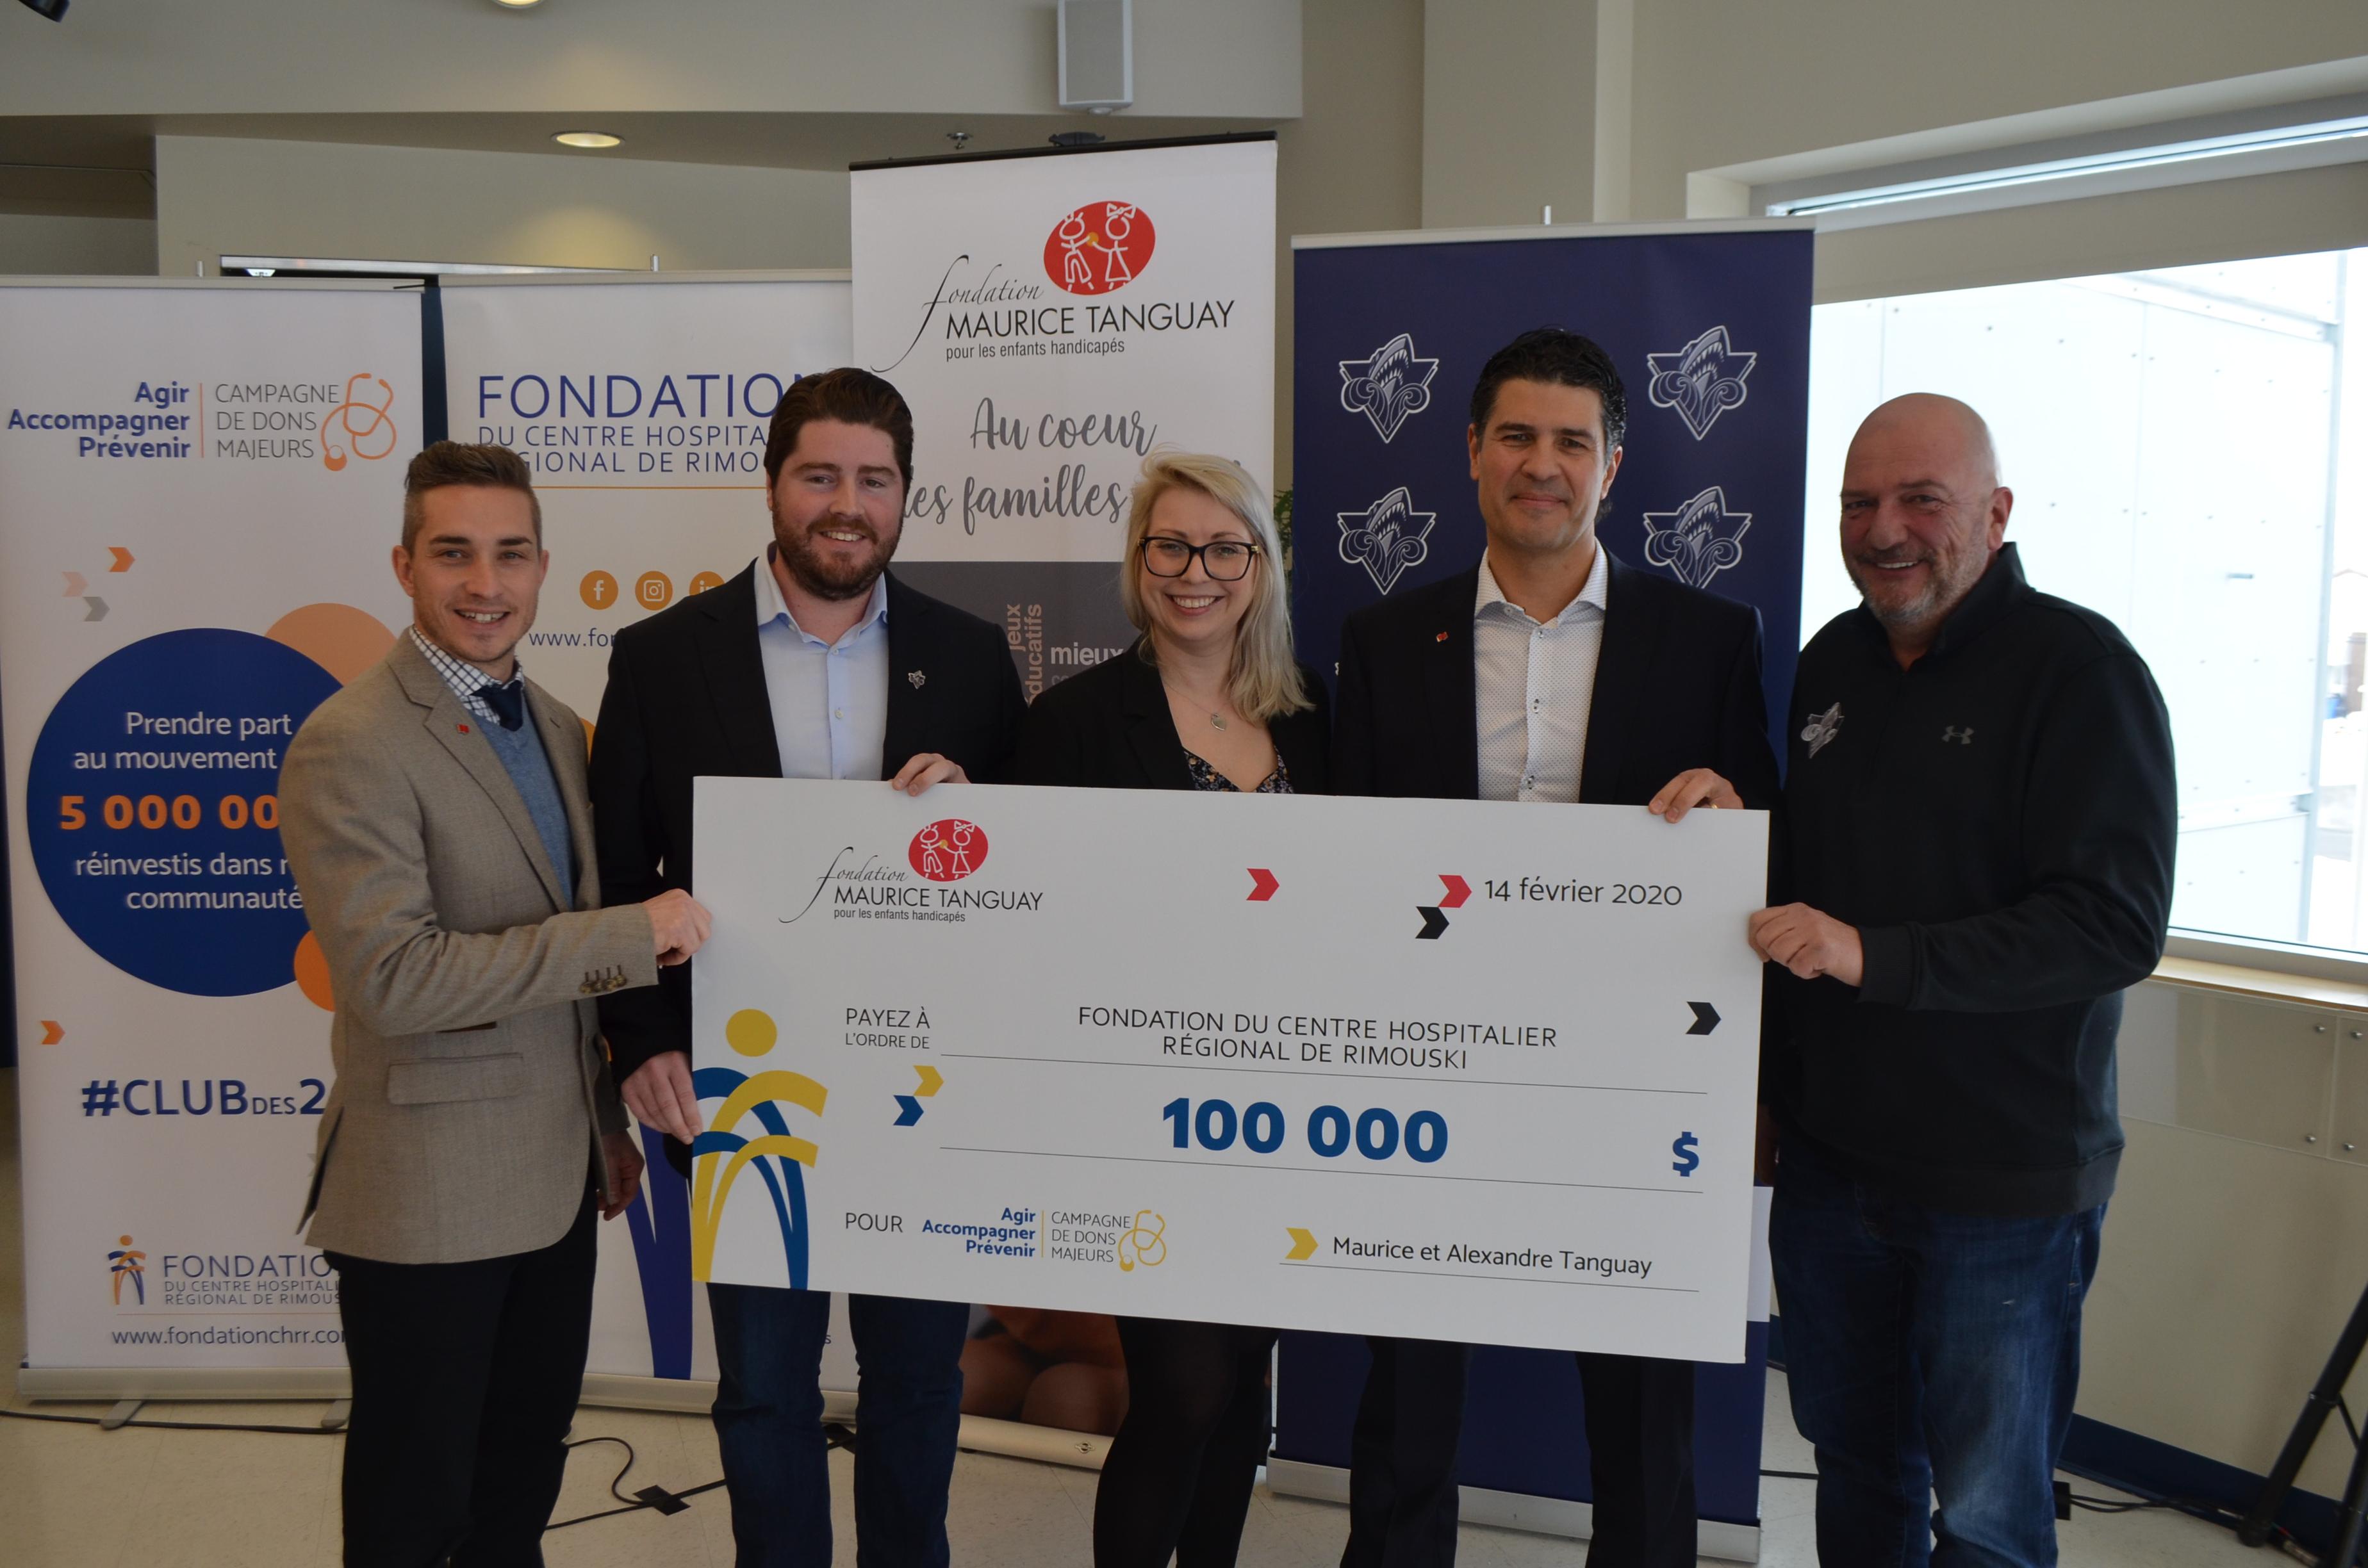 La Fondation Maurice Tanguay remet 100000 $ dans le cadre de la campagne majeure de financement du Club des 20.